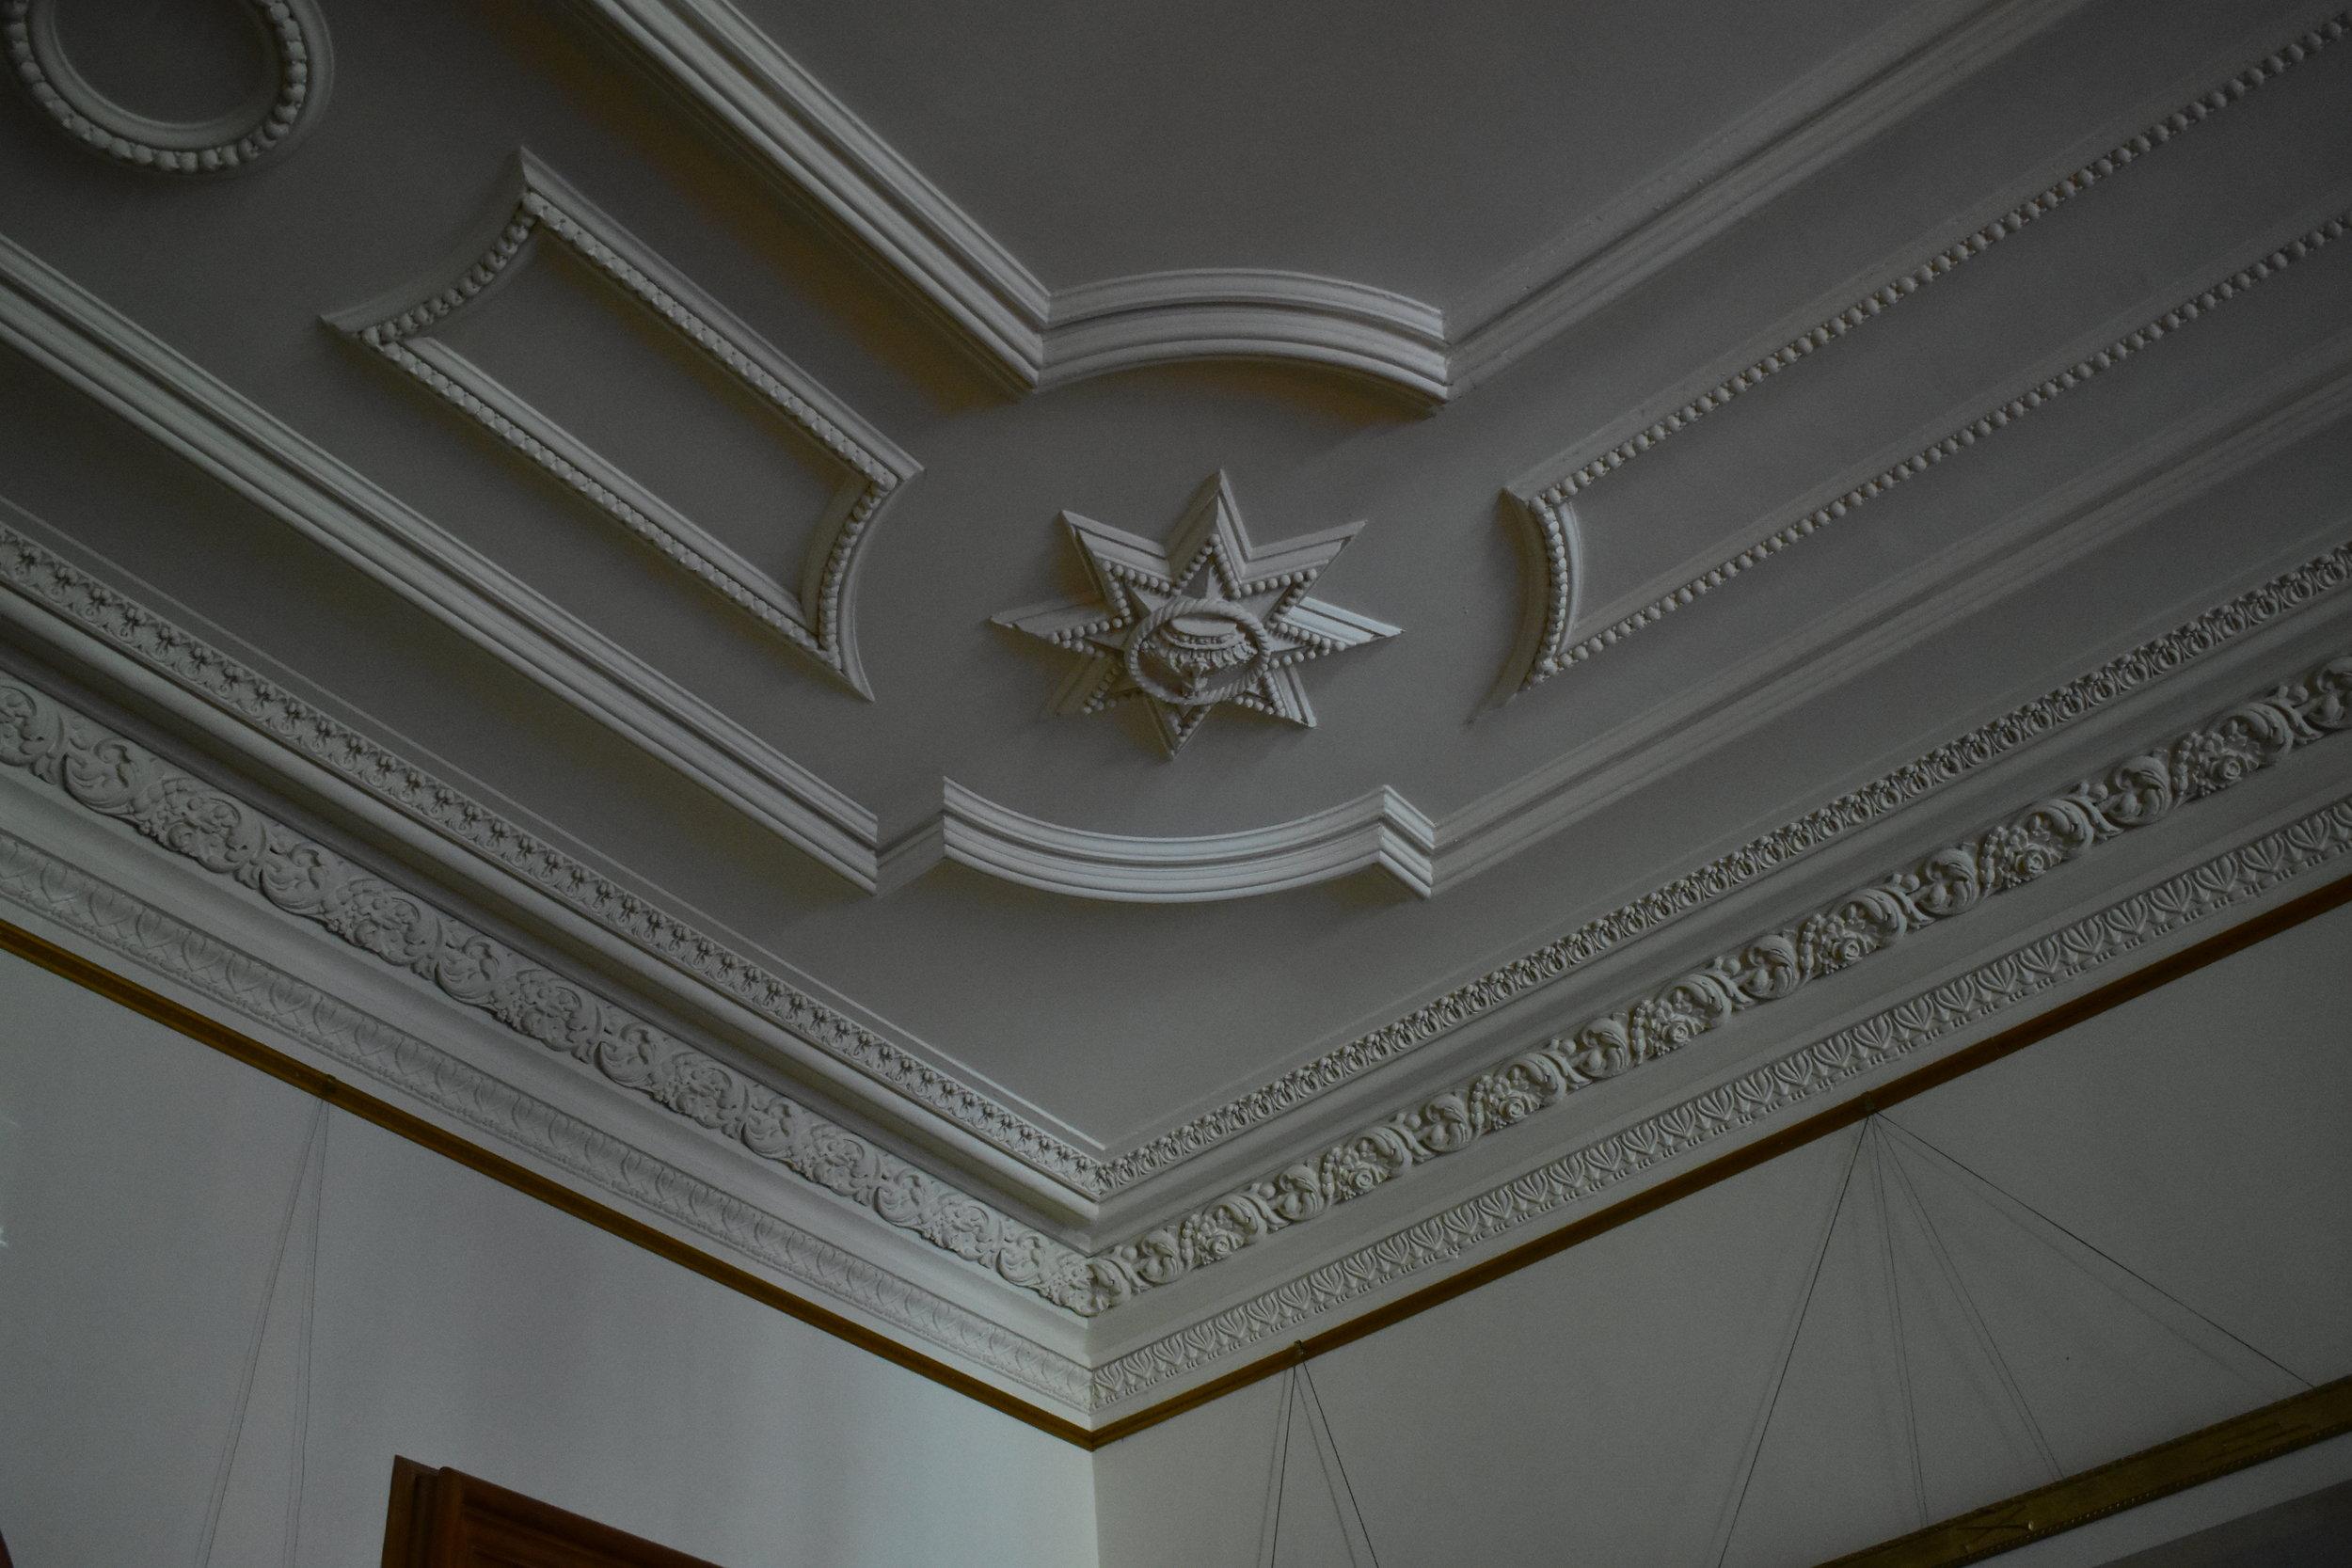 Copy of Iolani Palace